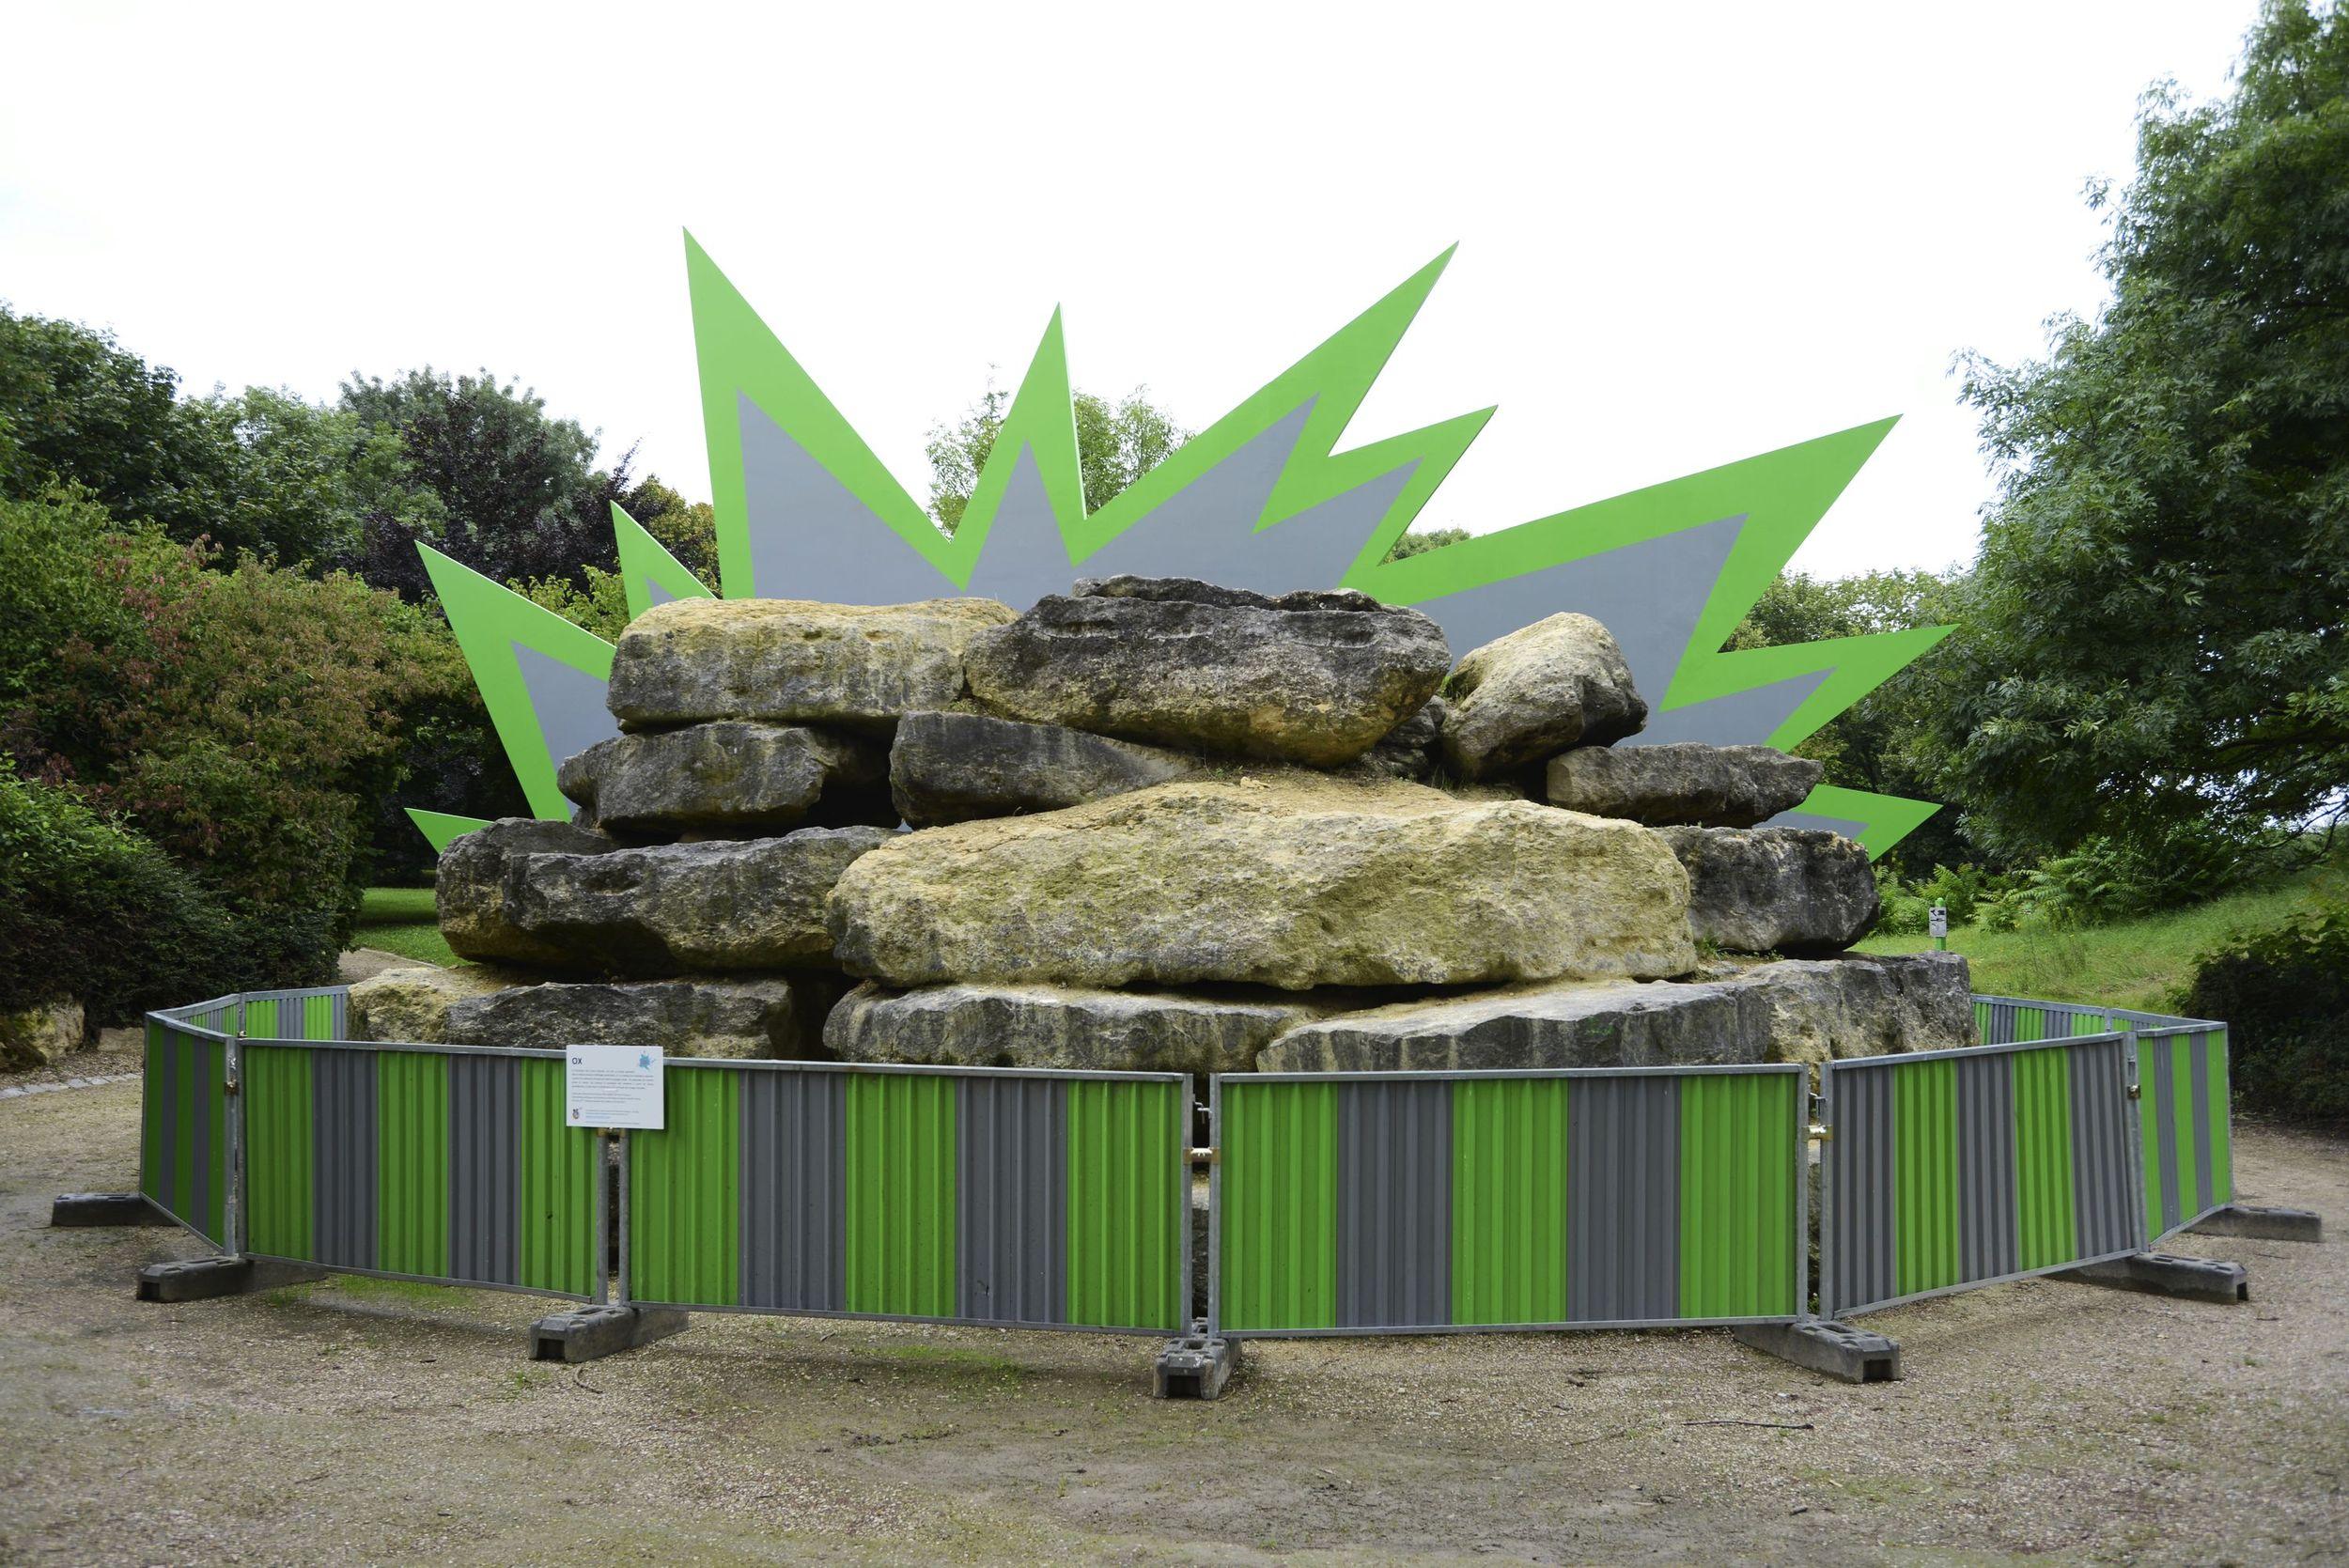 Oeuvre de Ox dans le parc de la Bergère